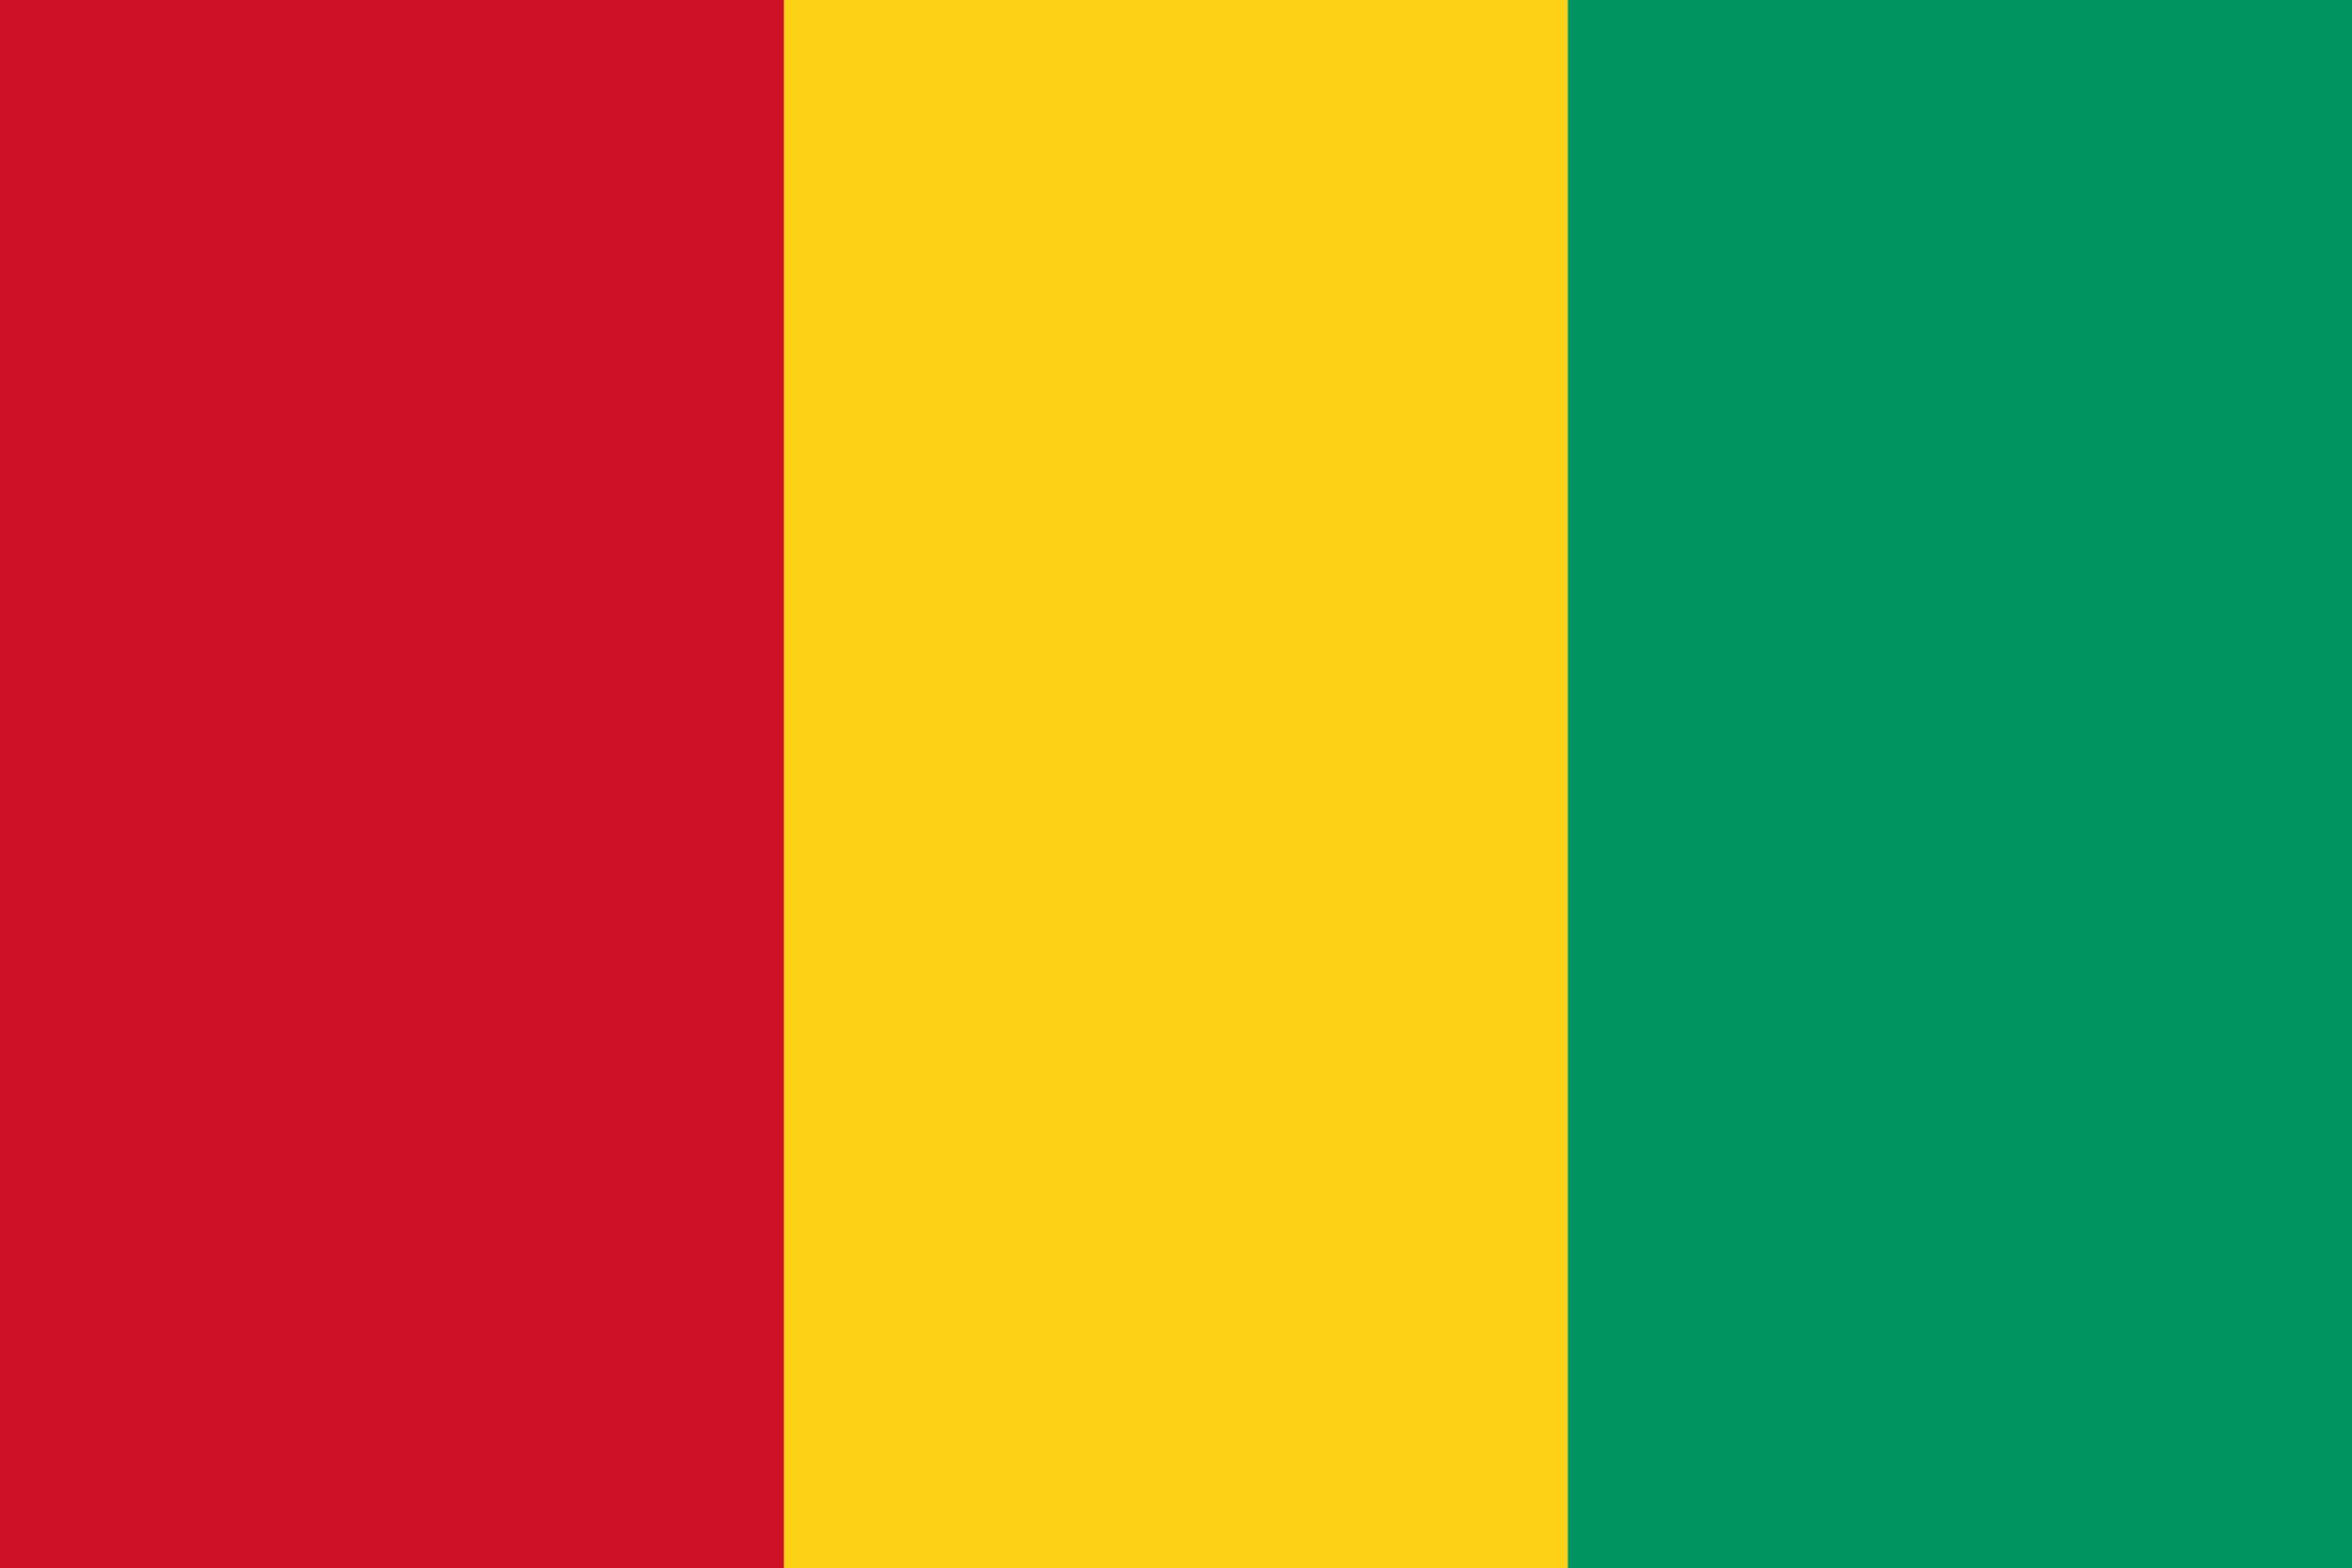 غينيا, البلد, emblema, شعار, الرمز - خلفيات عالية الدقة - أستاذ falken.com